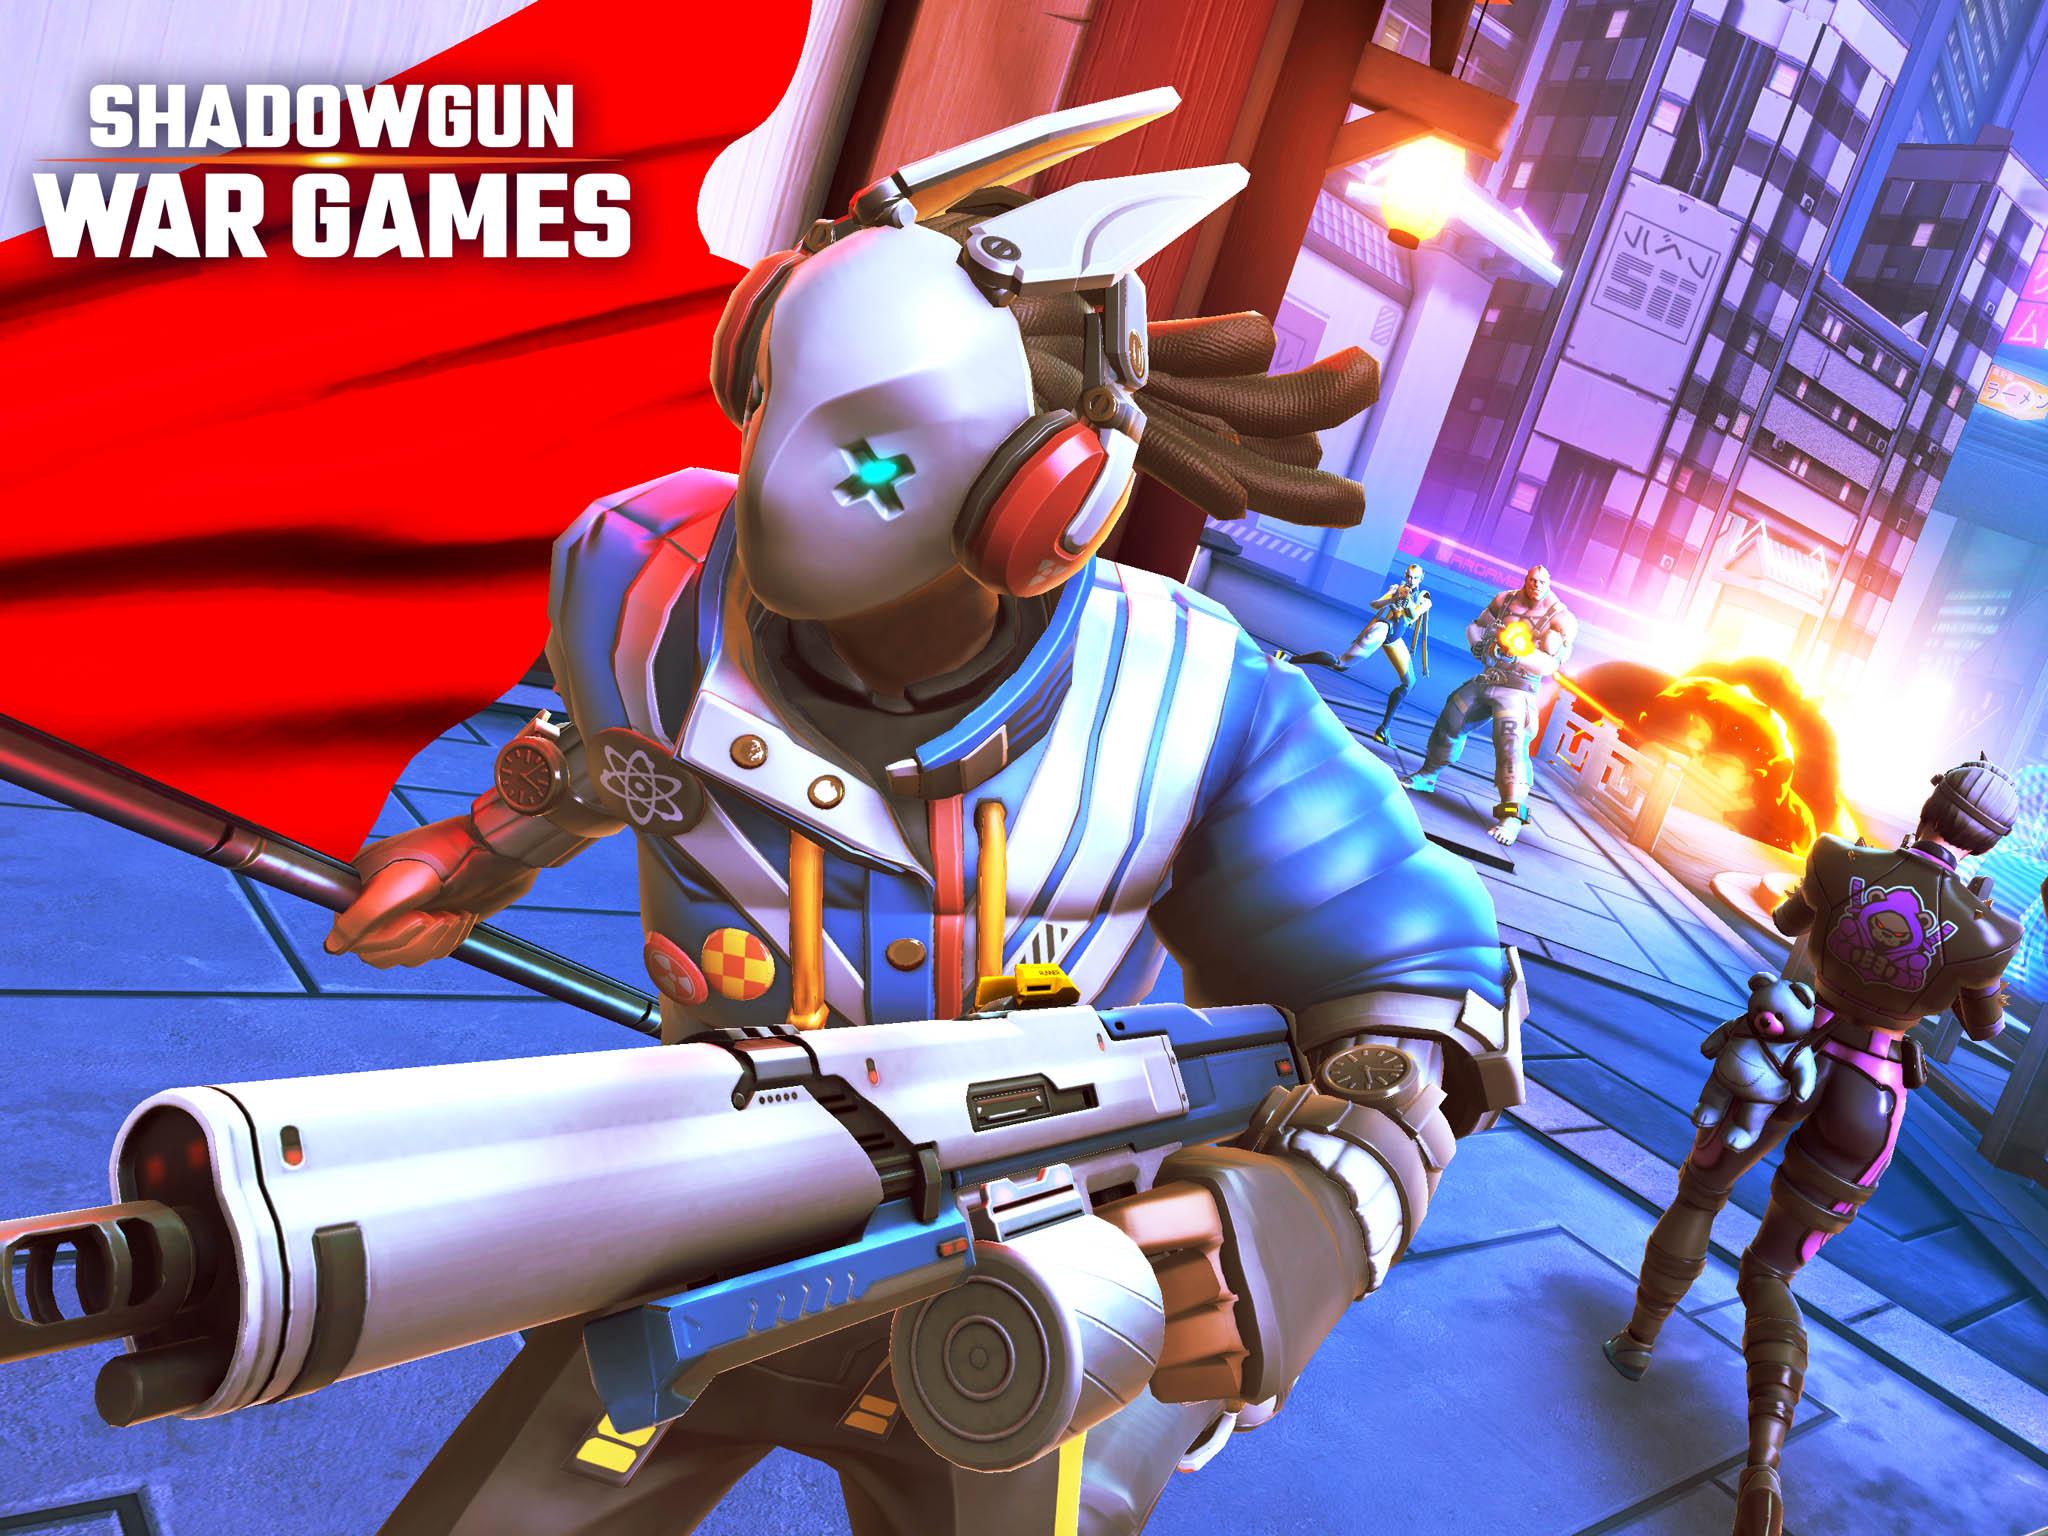 Novinka brněnského herního studia Madfinger Games s názvem Shadowgun War Games chce konkurovat úspěšné hře pro PC akonzole Overwatch.